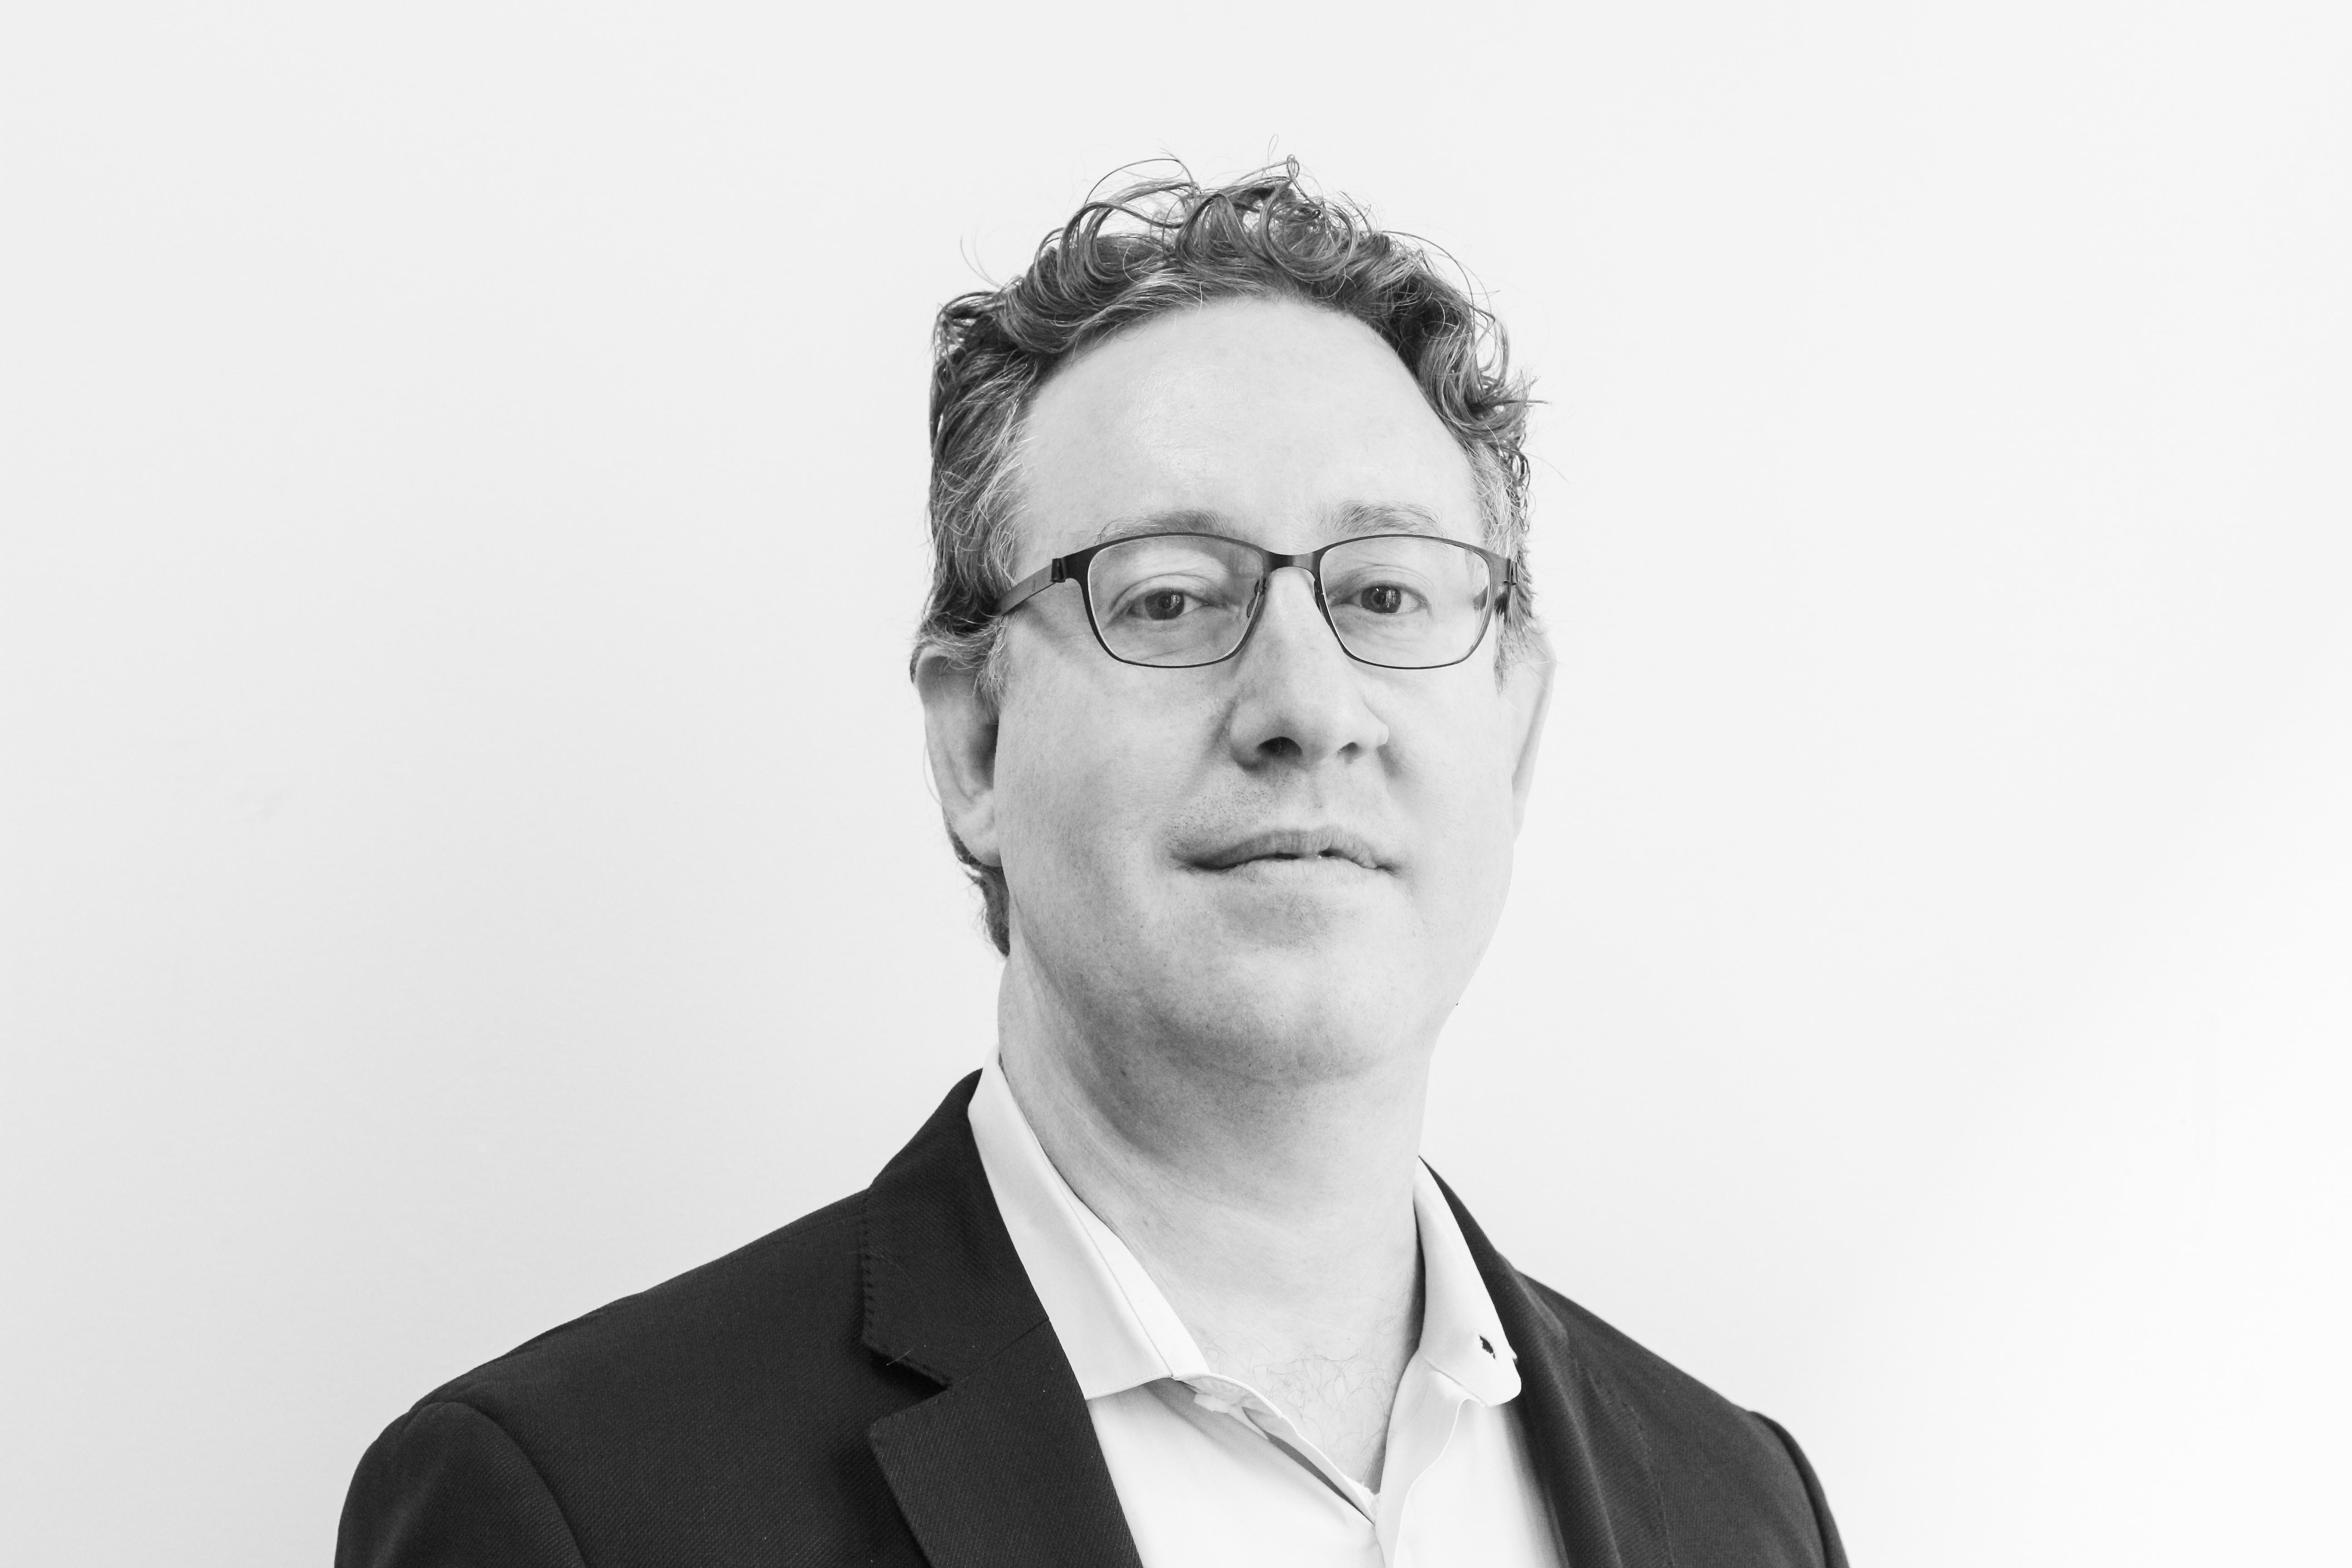 Steven Warshaw, CEO